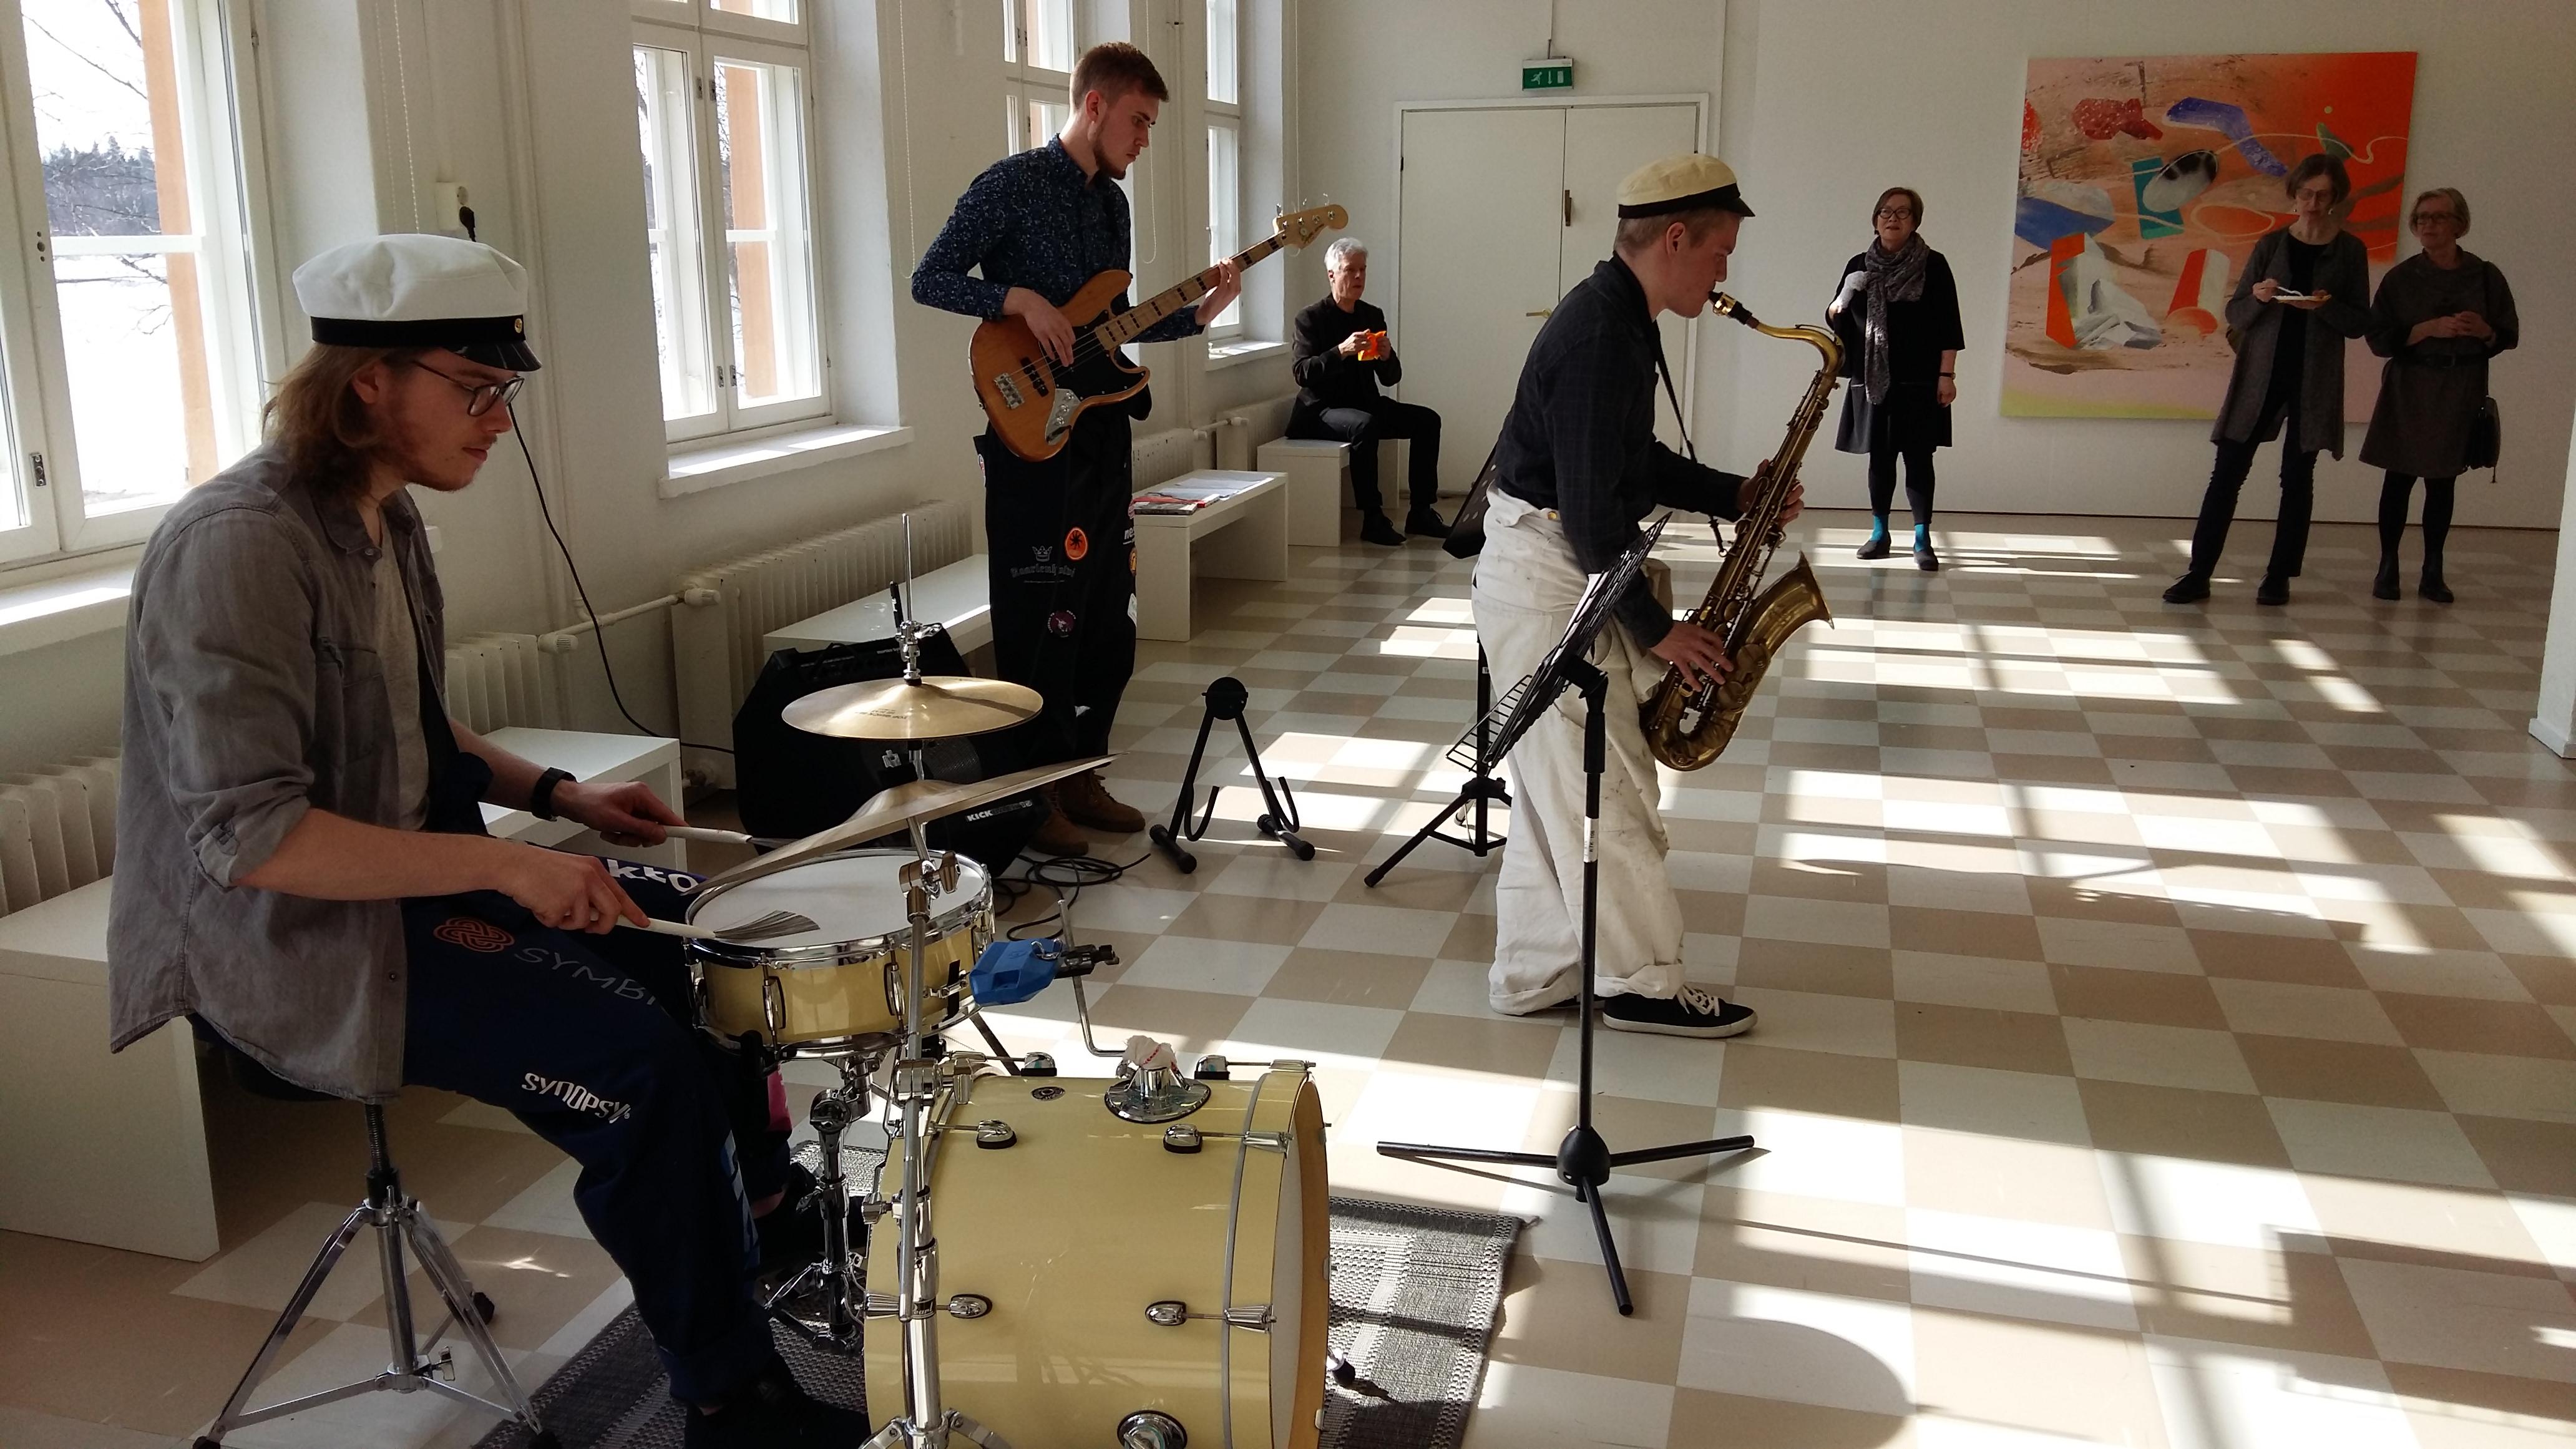 JK-arkkitehtien uuden toimiston vieressä sijaitsevassa Galleria Harmajassa saatiin avajaisiltana nauttia musiikista ja taidenäyttelystä